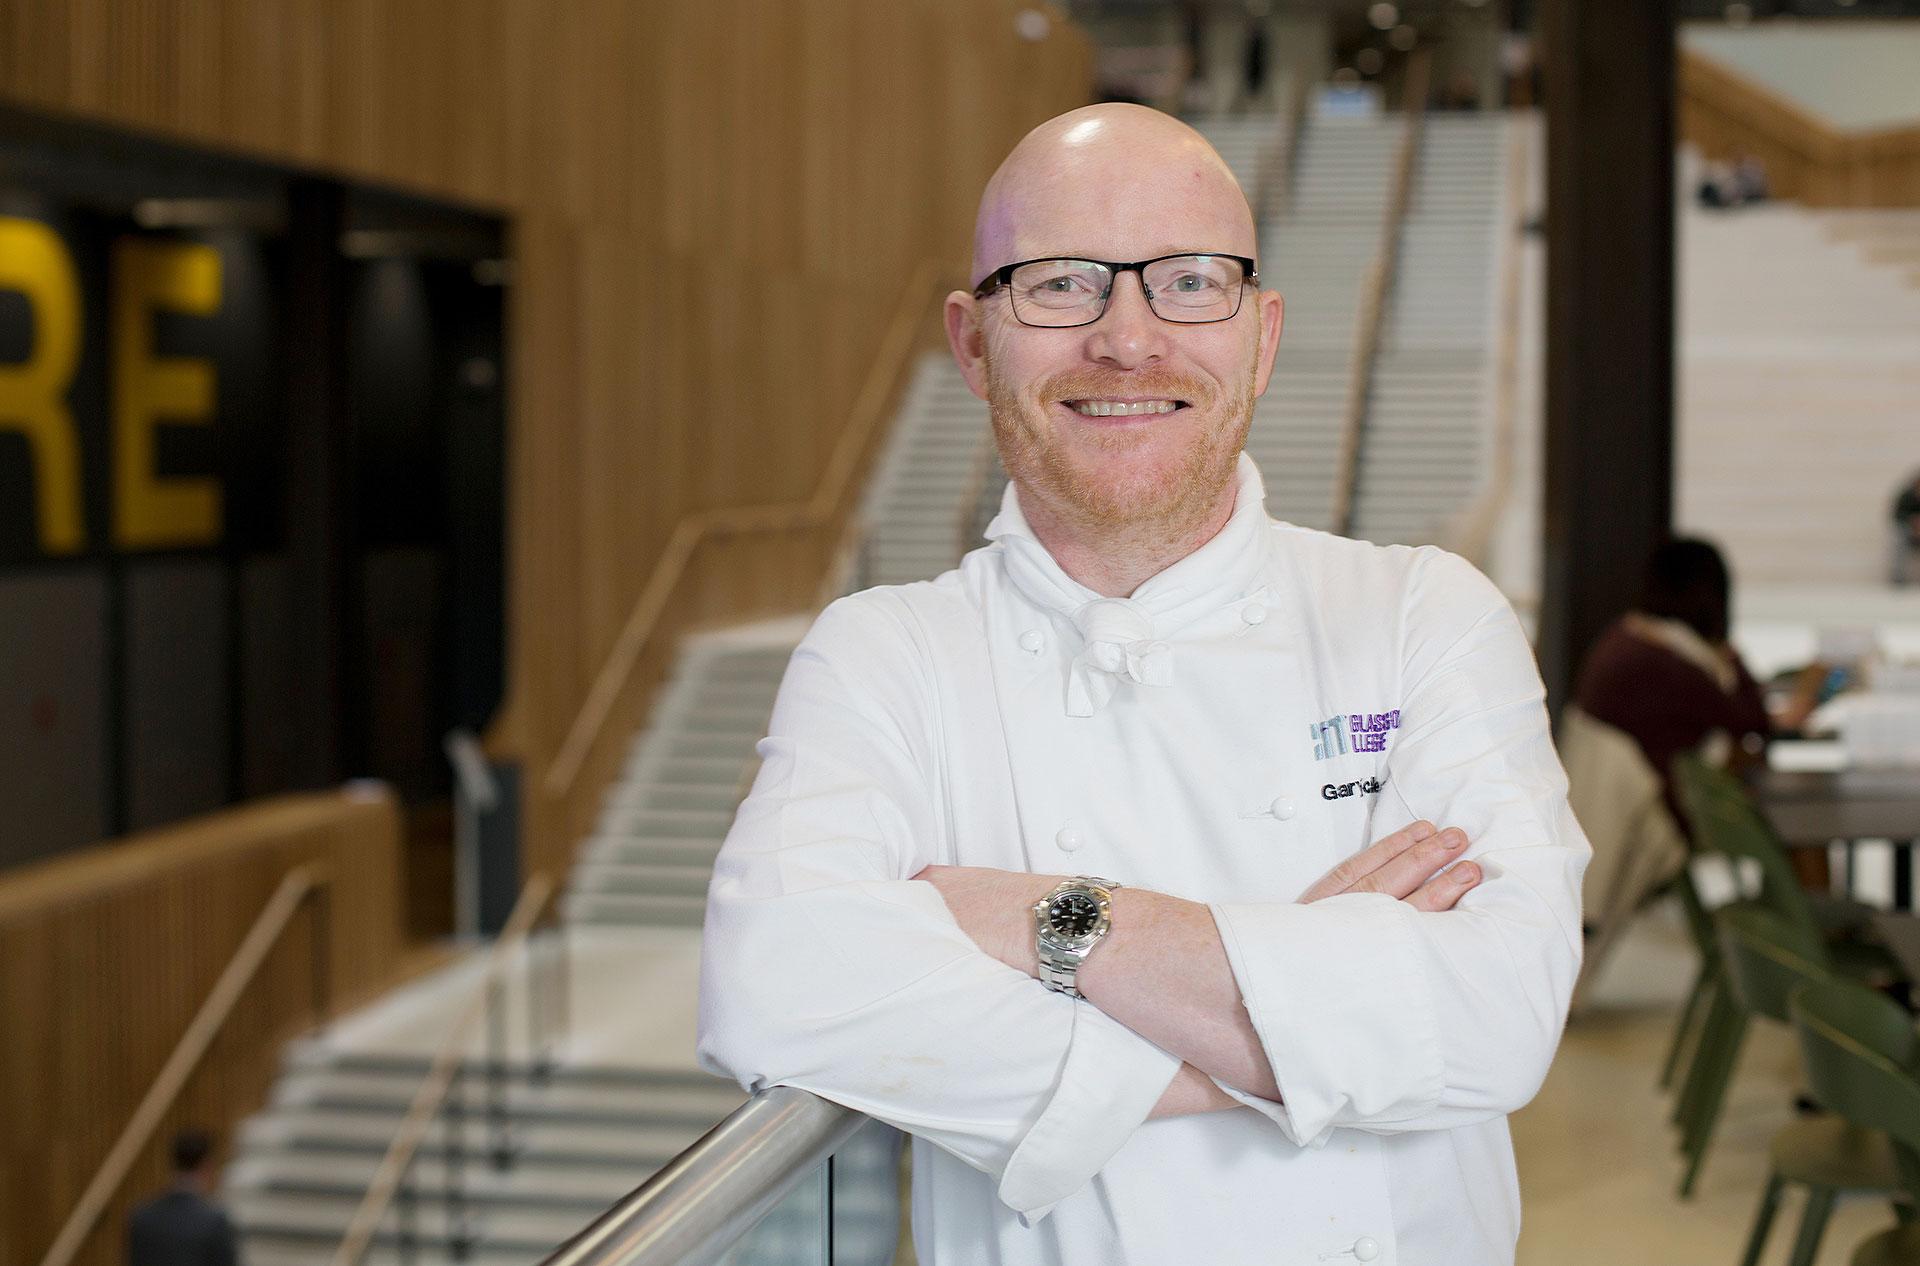 Consultancy - Gary Maclean - Award winning Chef